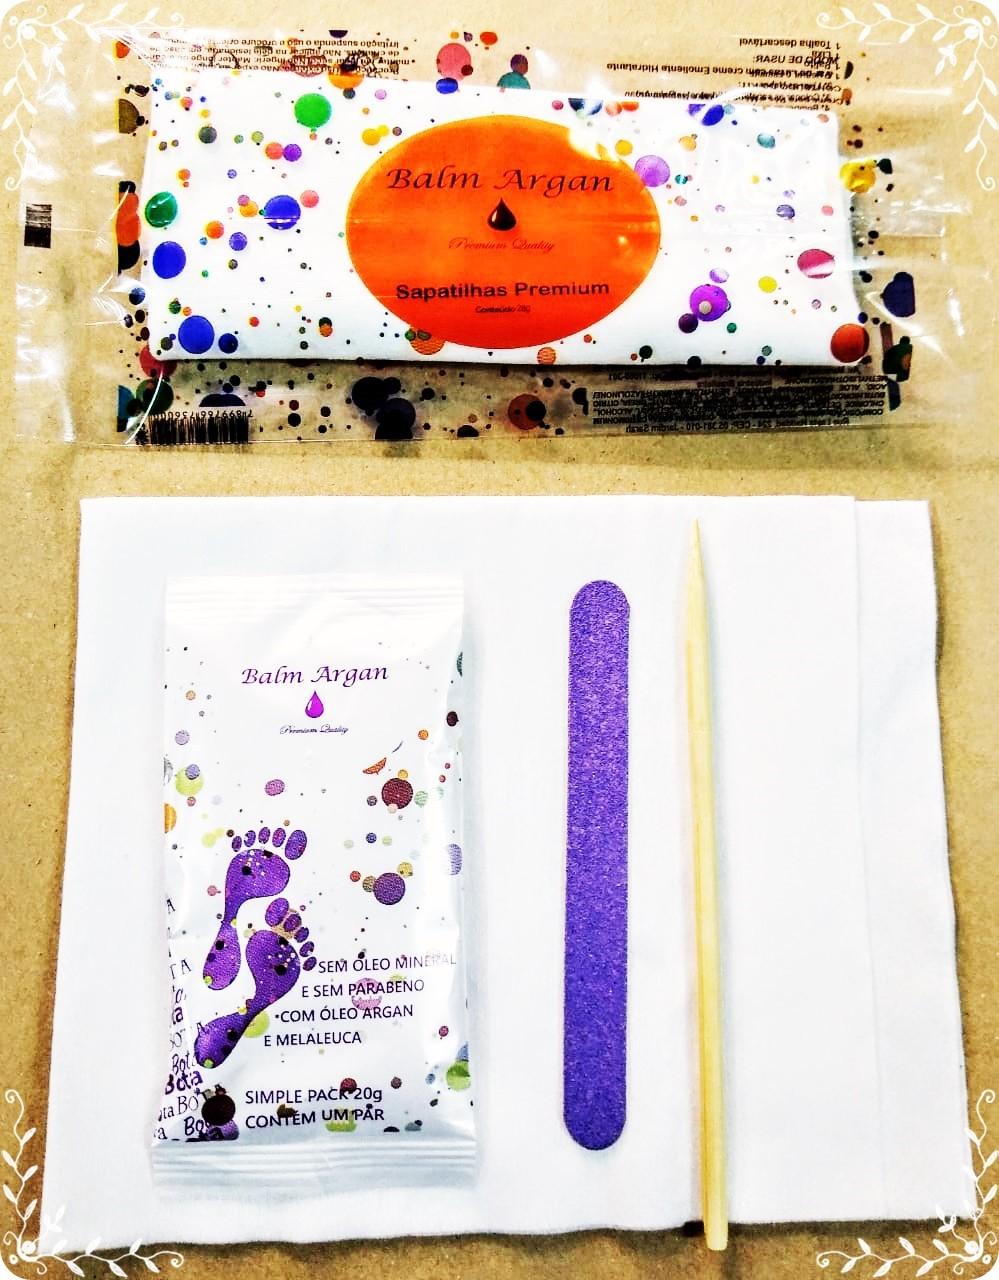 Kit Pedicure de botas hidratantes c/ lixa exp. c/palito de bambu e Toalha Desc. 30 x 40 cm Balm Argan